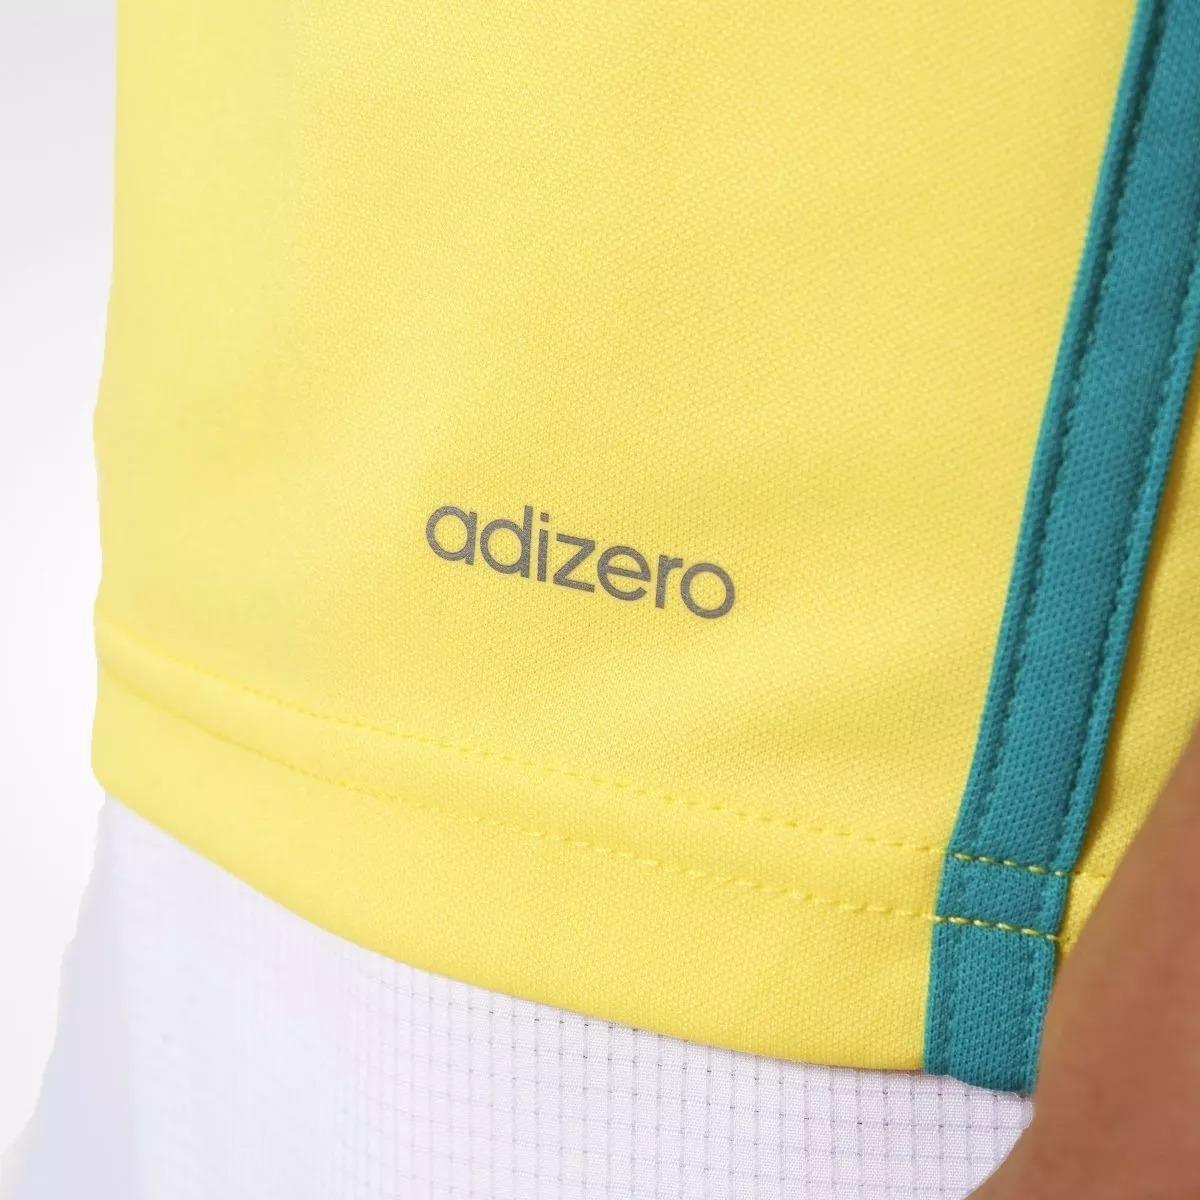 camisa adidas palmeiras treino 2016 - regata tam. m. Carregando zoom. b1e301d26c8ed